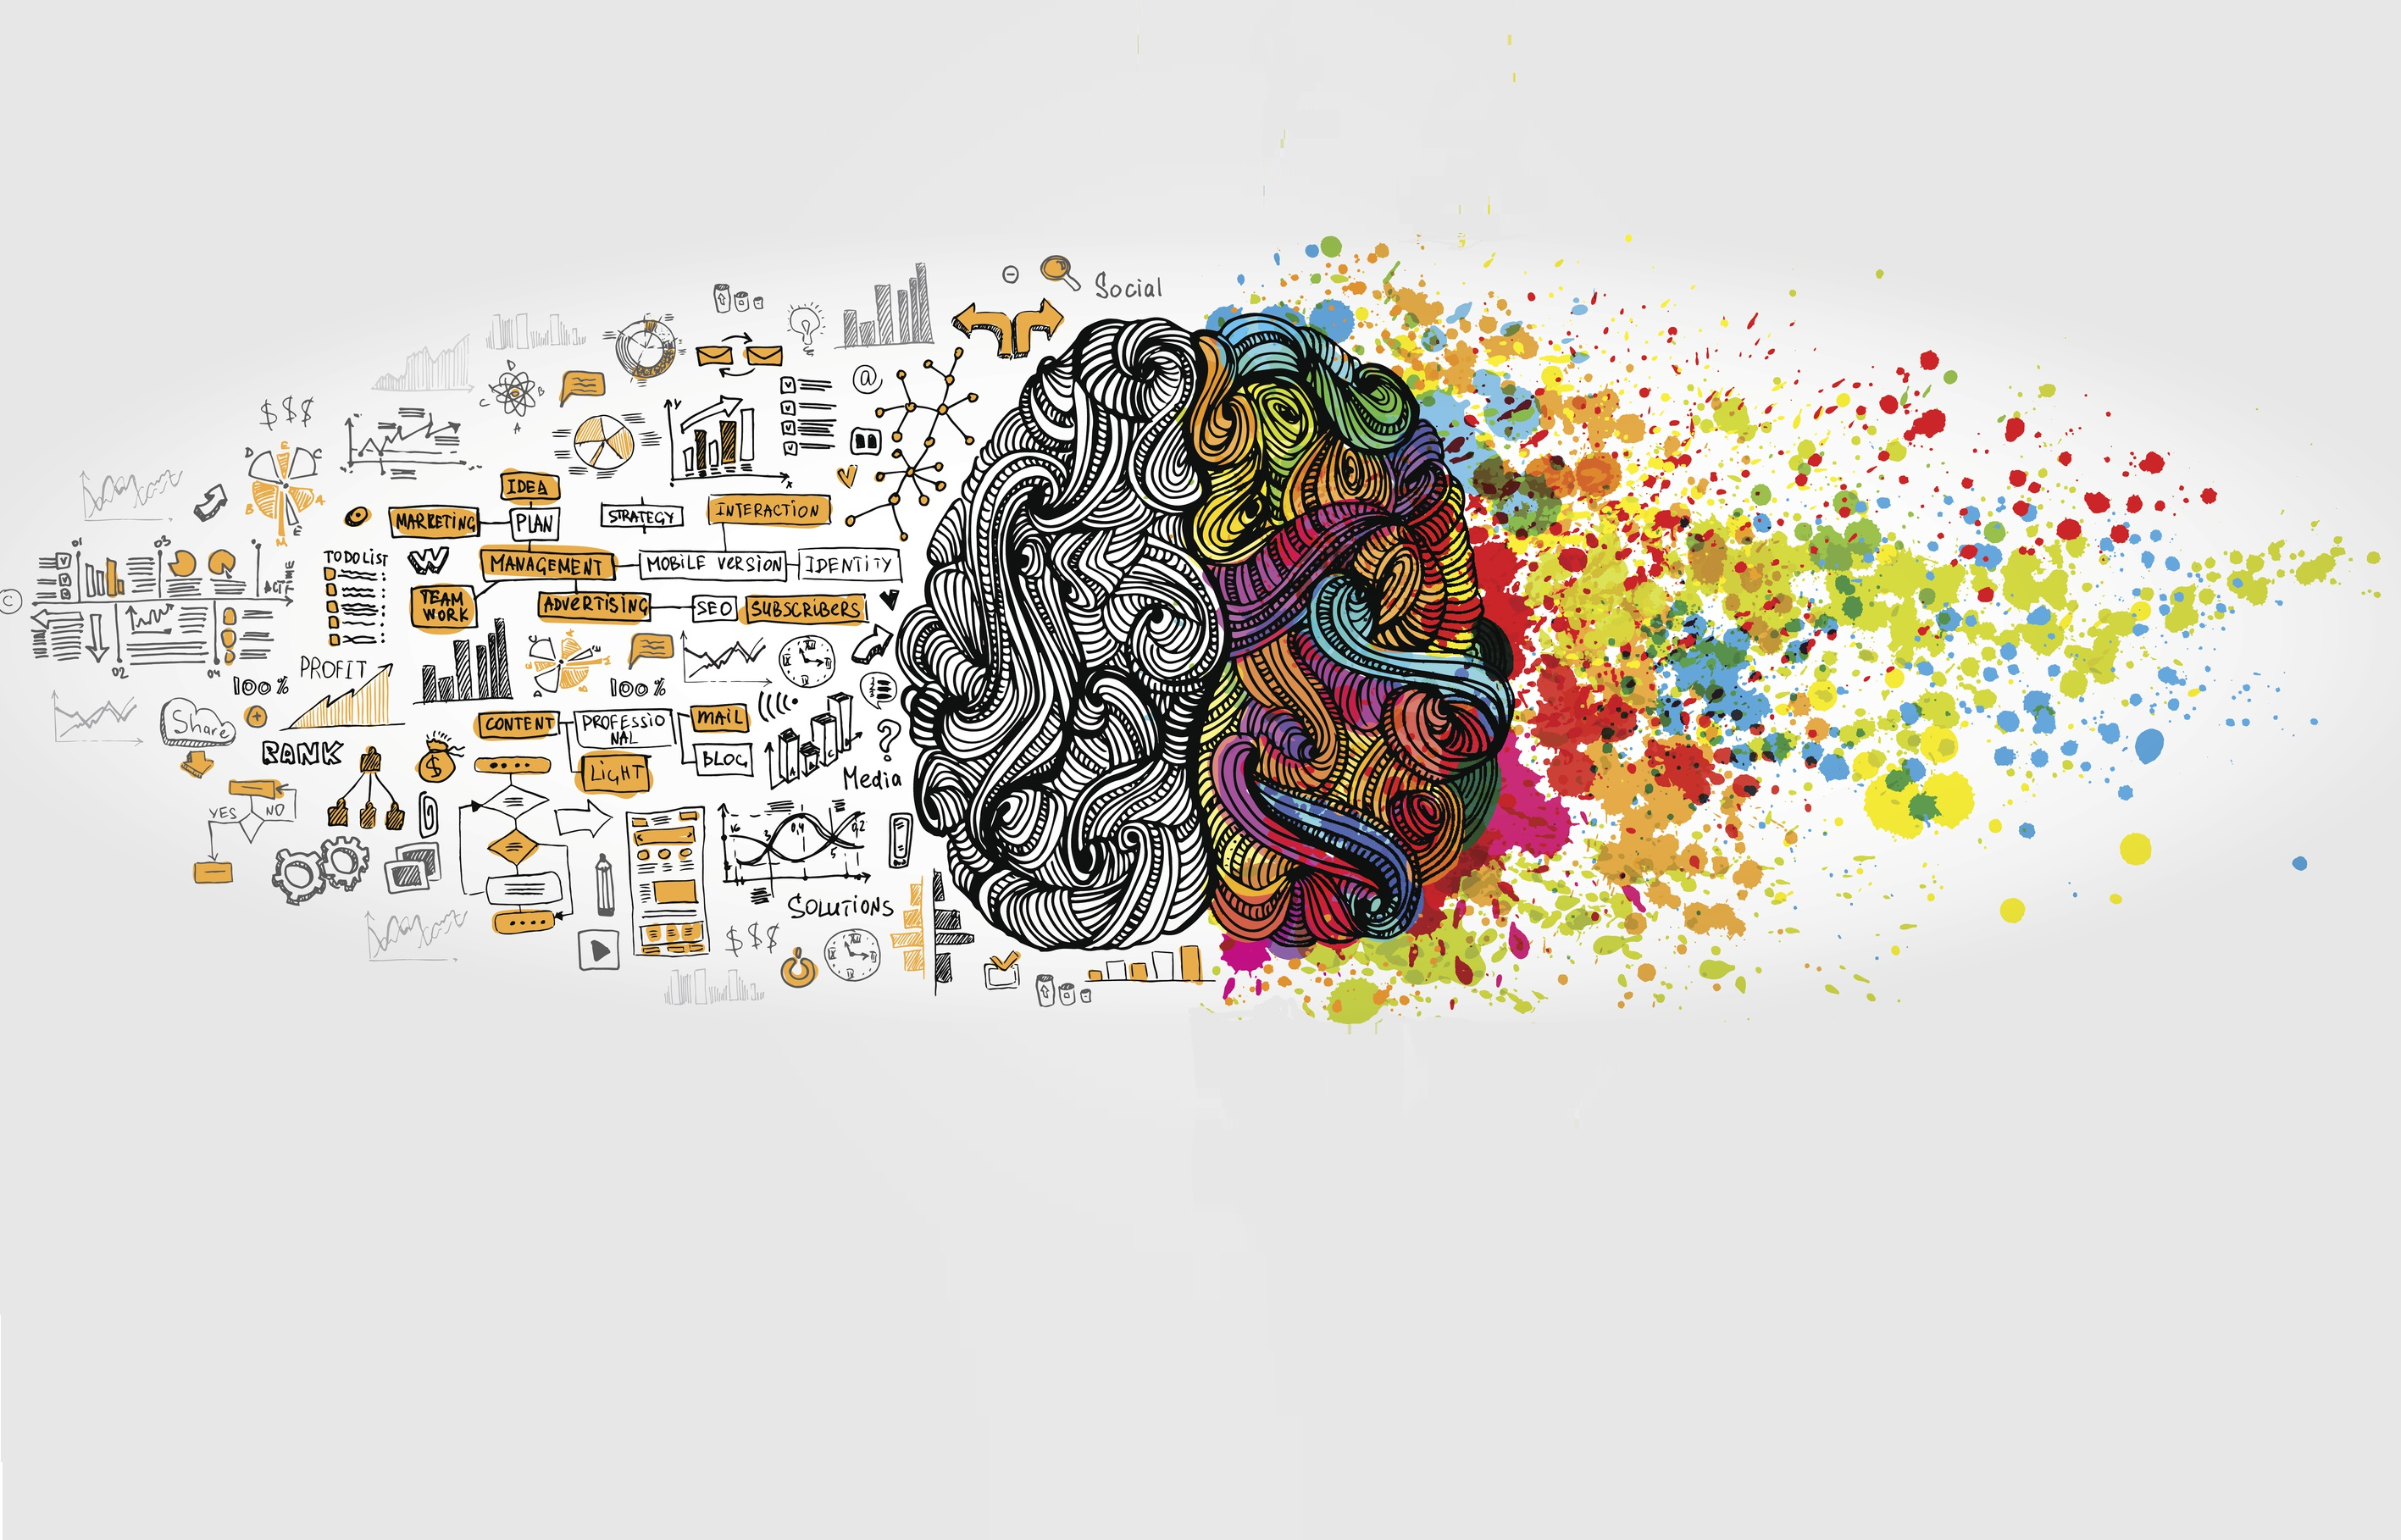 đọc vị tâm lý khách hàng, nghiên cứu tâm lý khách hàng